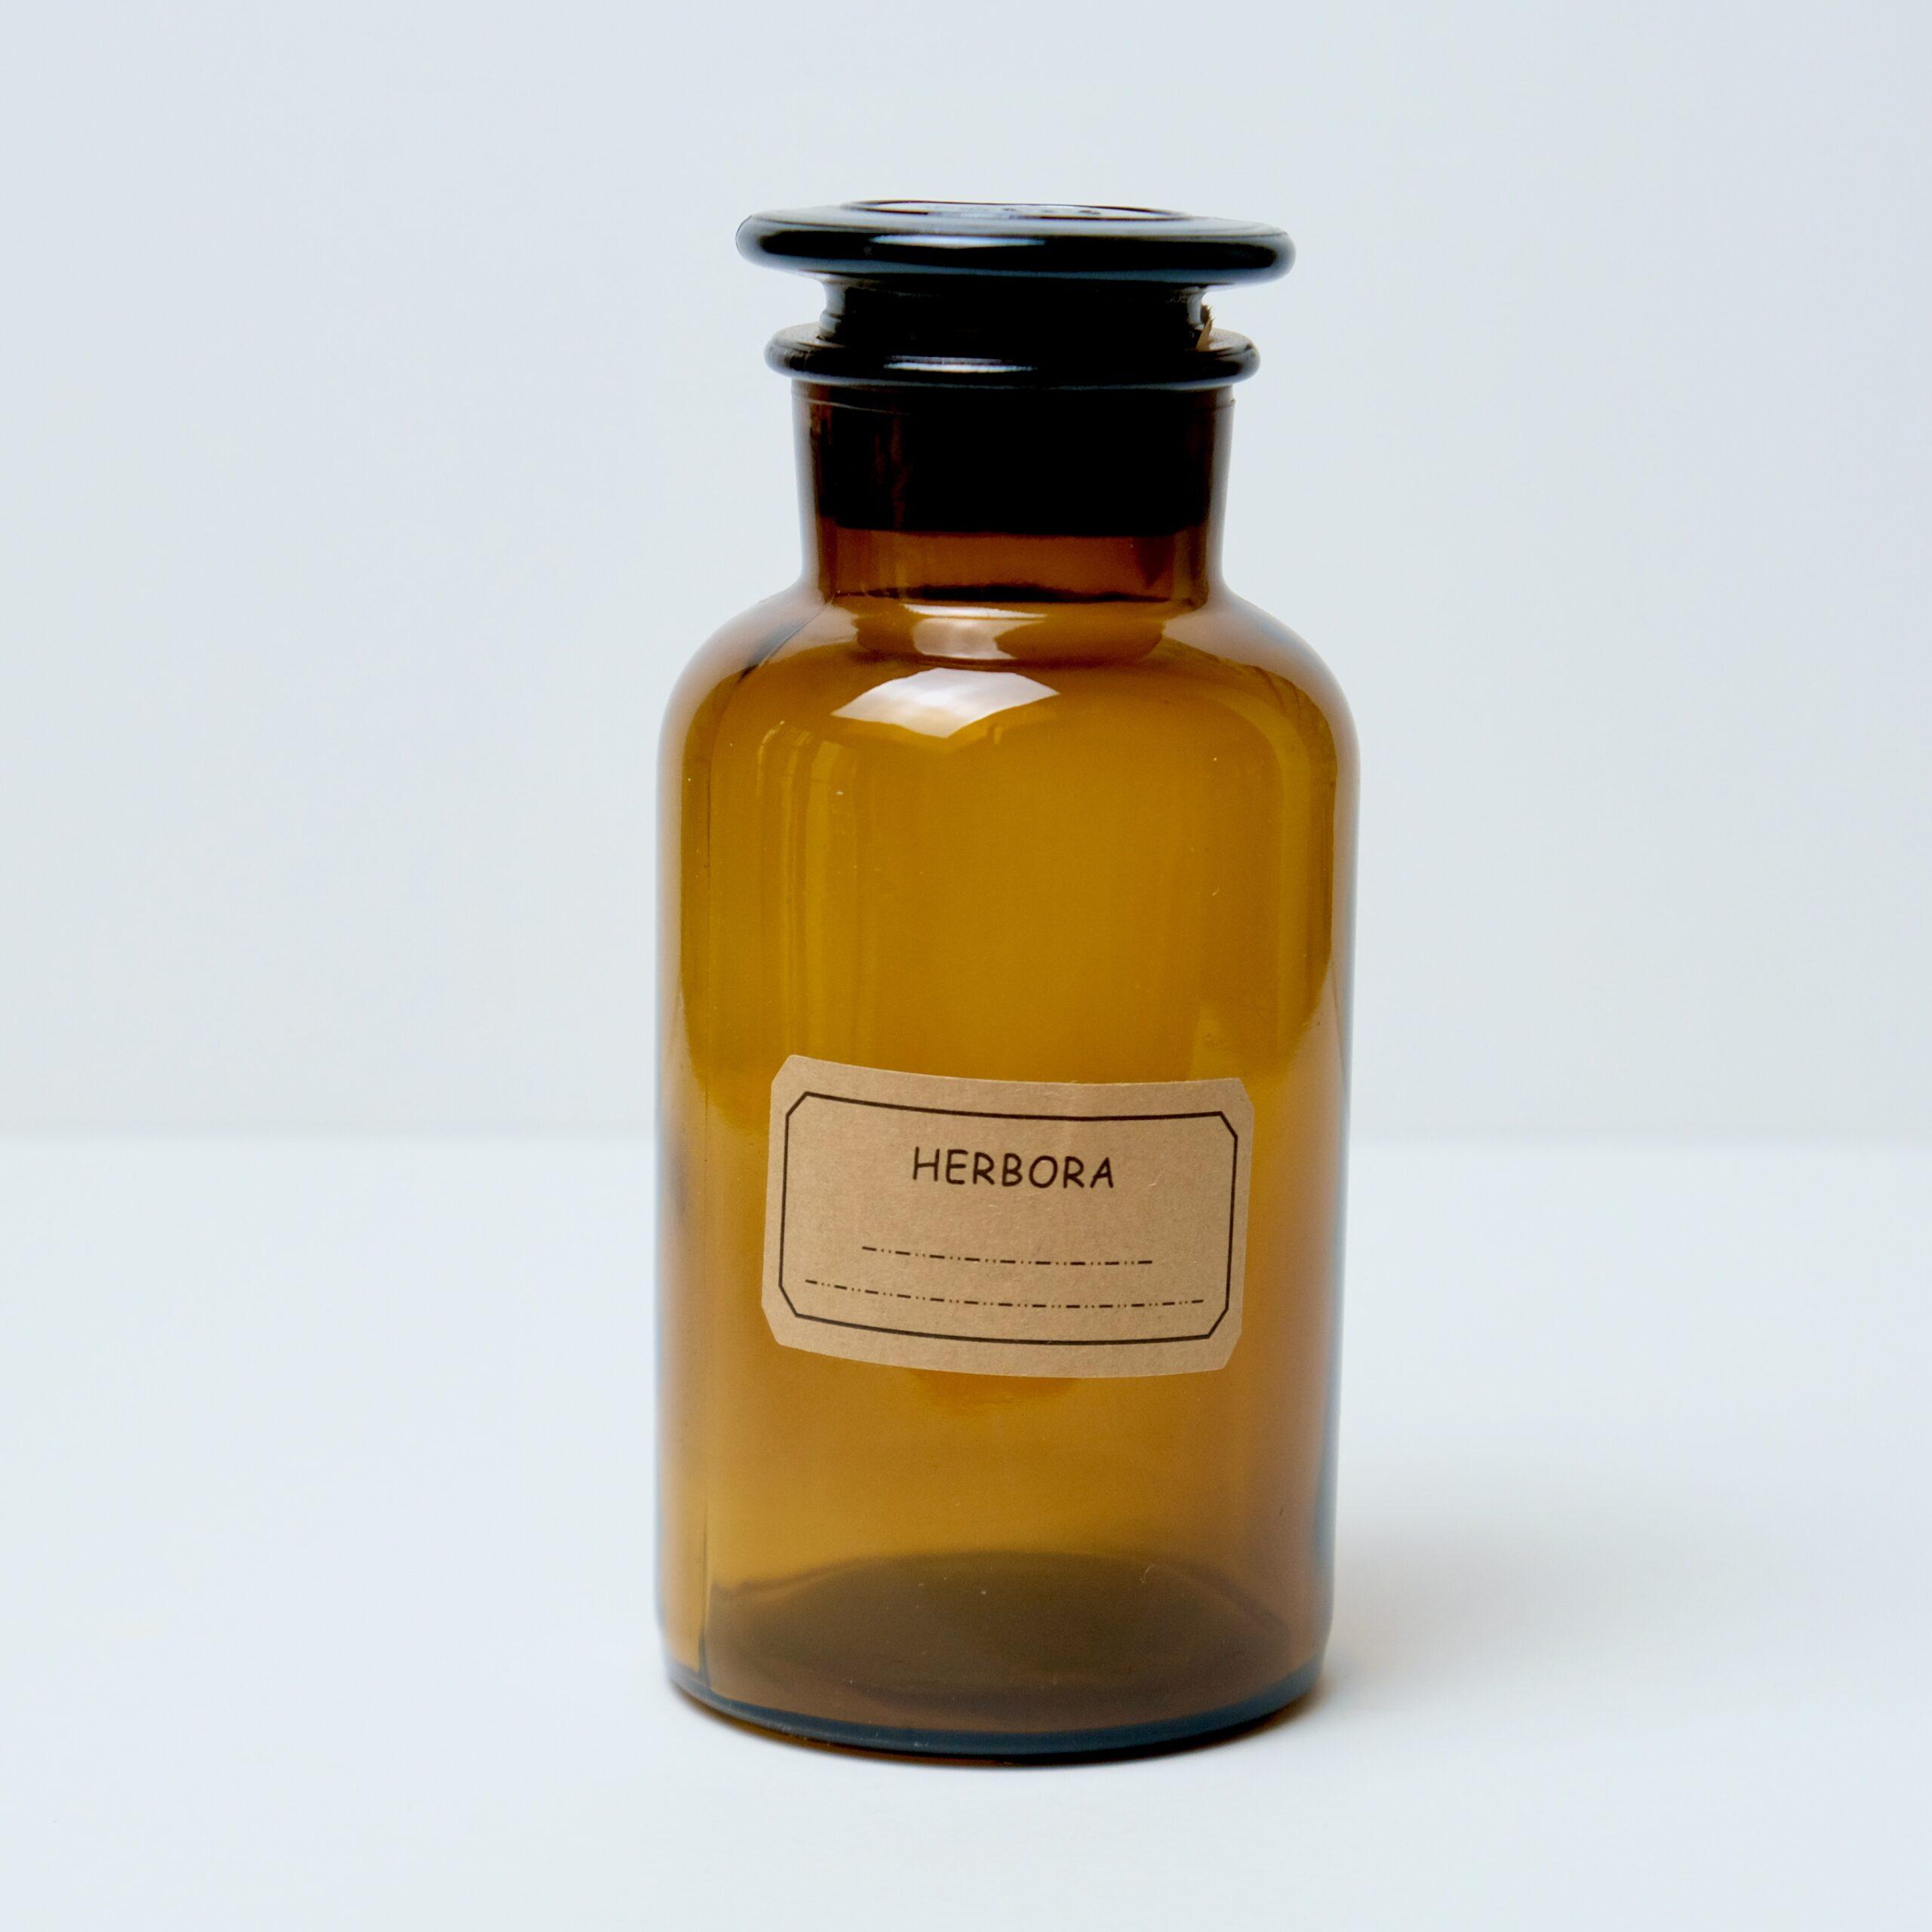 Fiole-fumée-L-atelier-lavarenne-fleuriste-lyon